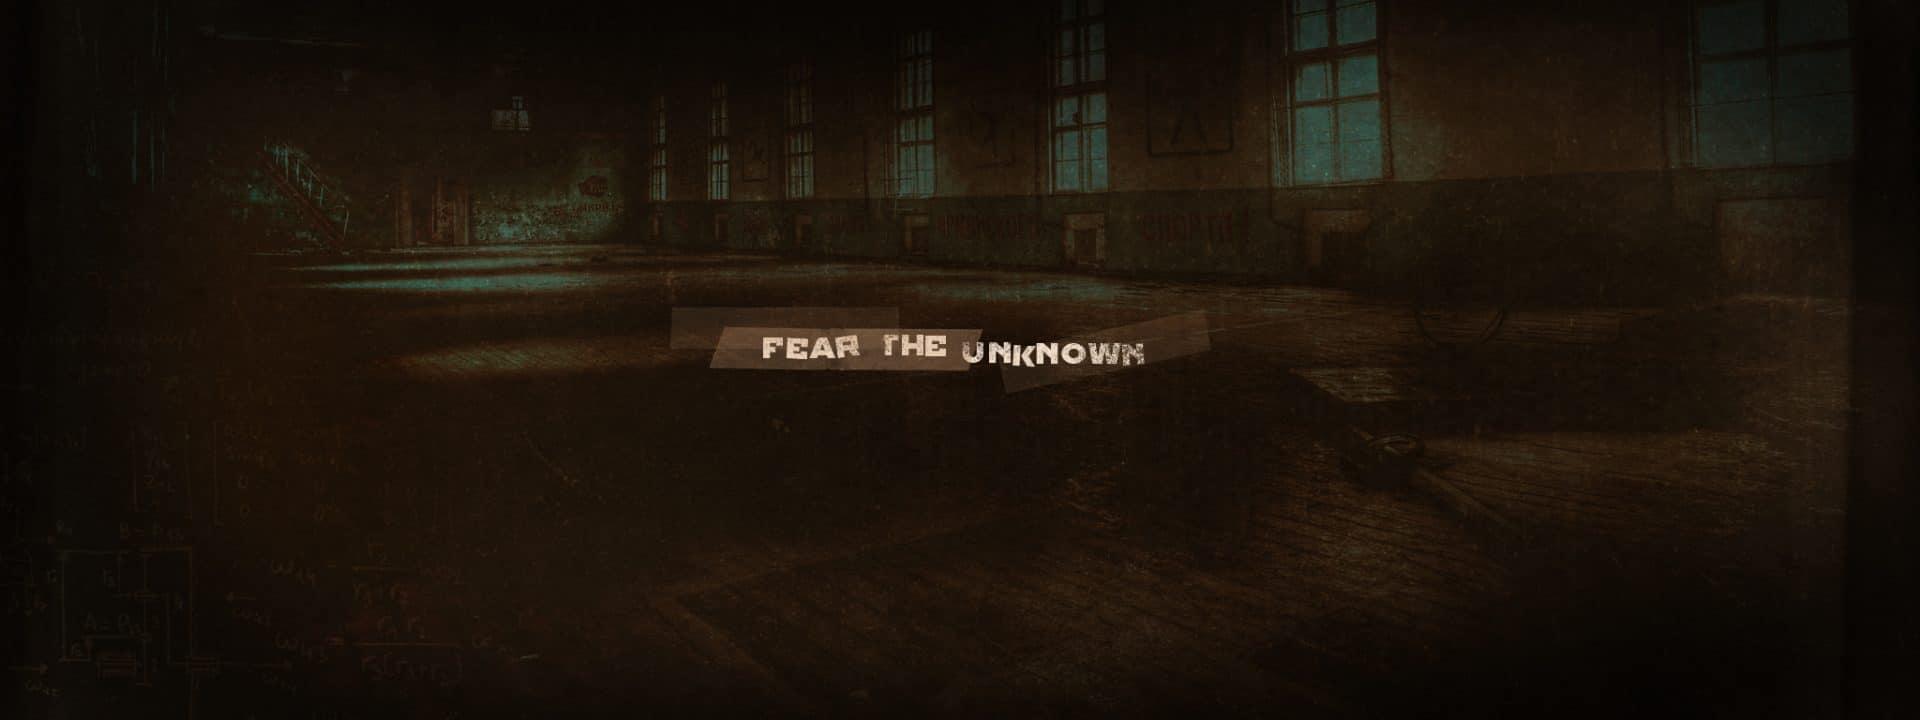 Titre «fear the unknown» sur fond d'école désaffectée